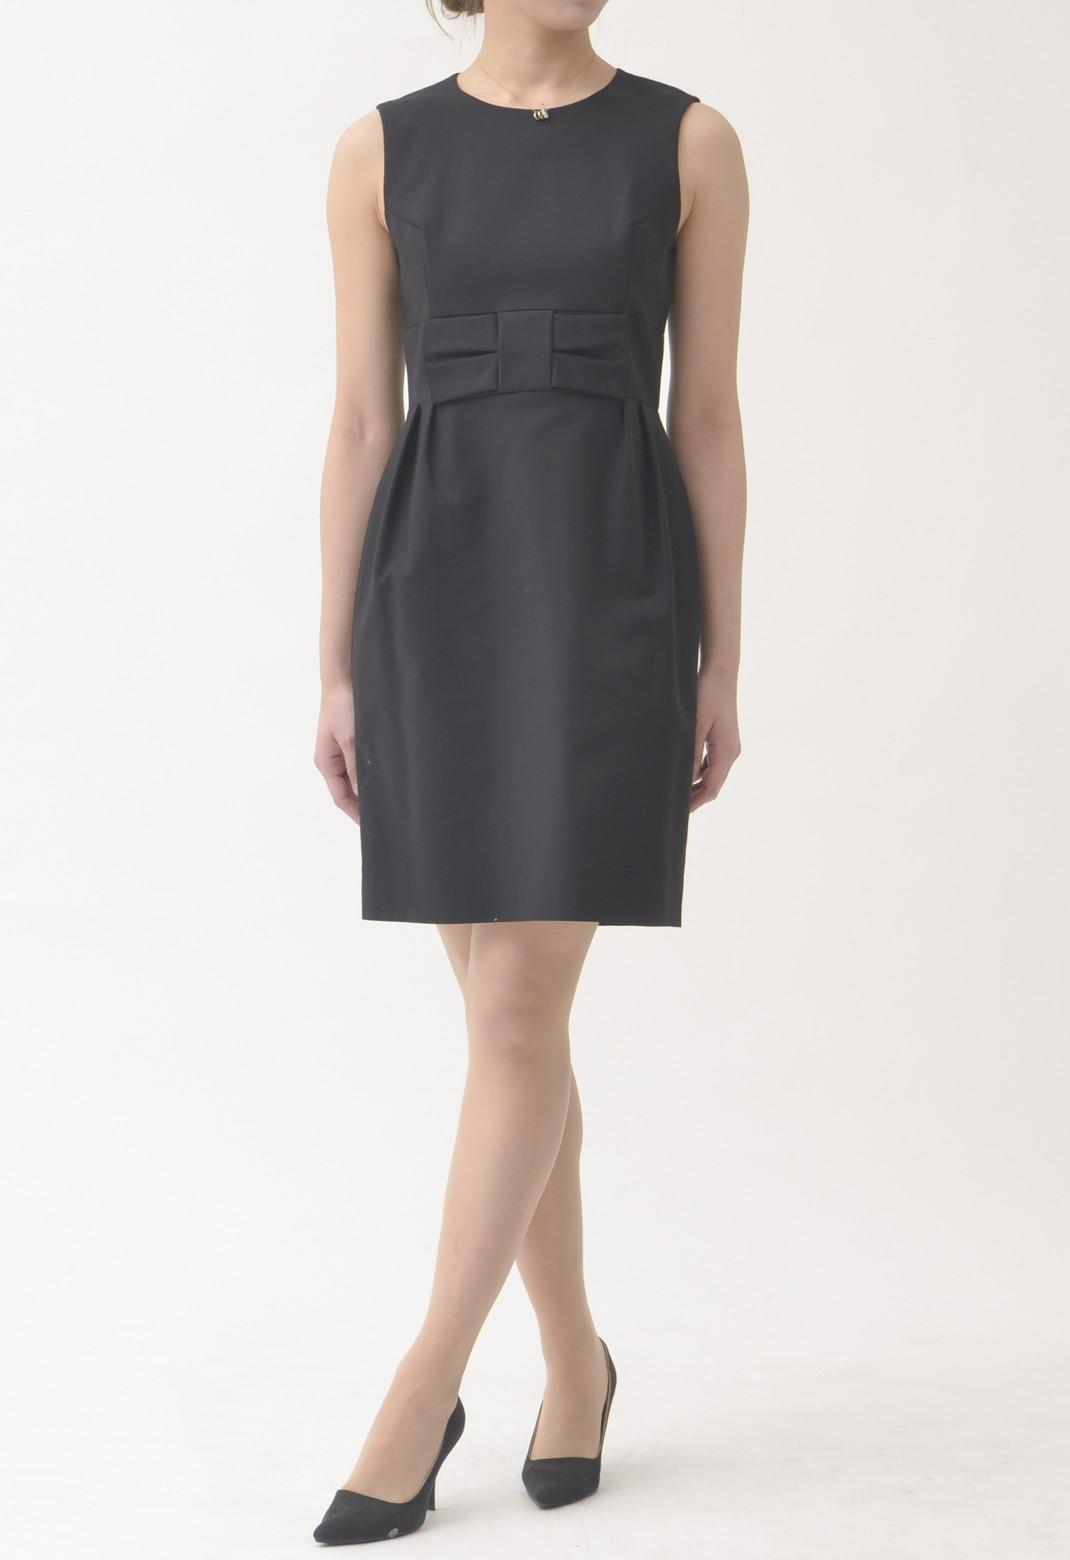 ケイトスペード ウエストリボン飾り ノースリーブ ドレス